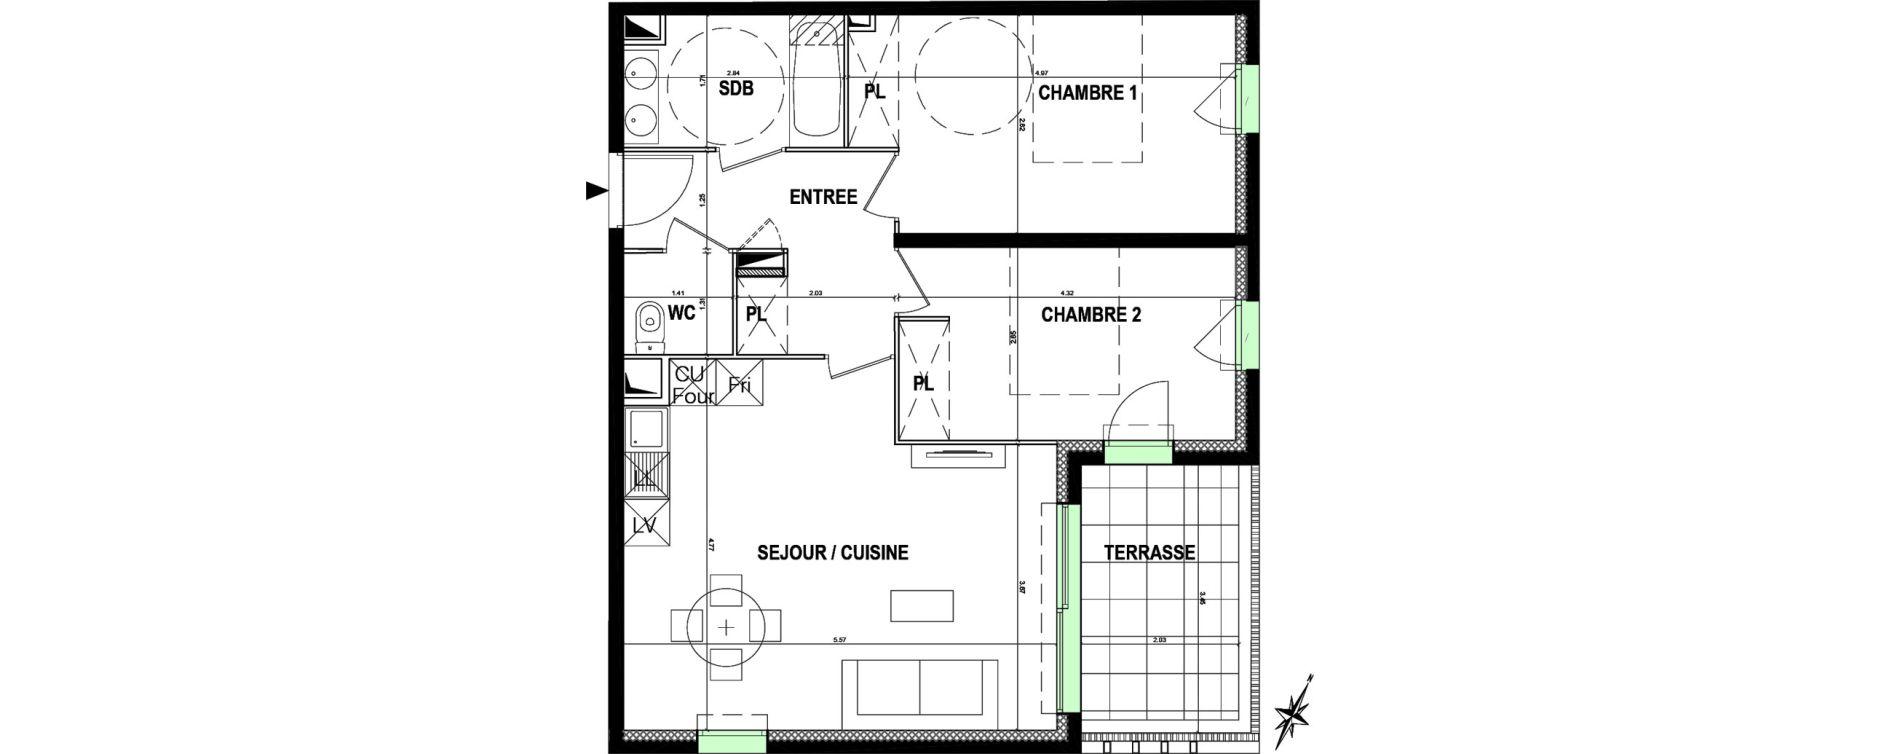 Appartement T3 de 61,35 m2 à Mauguio Centre